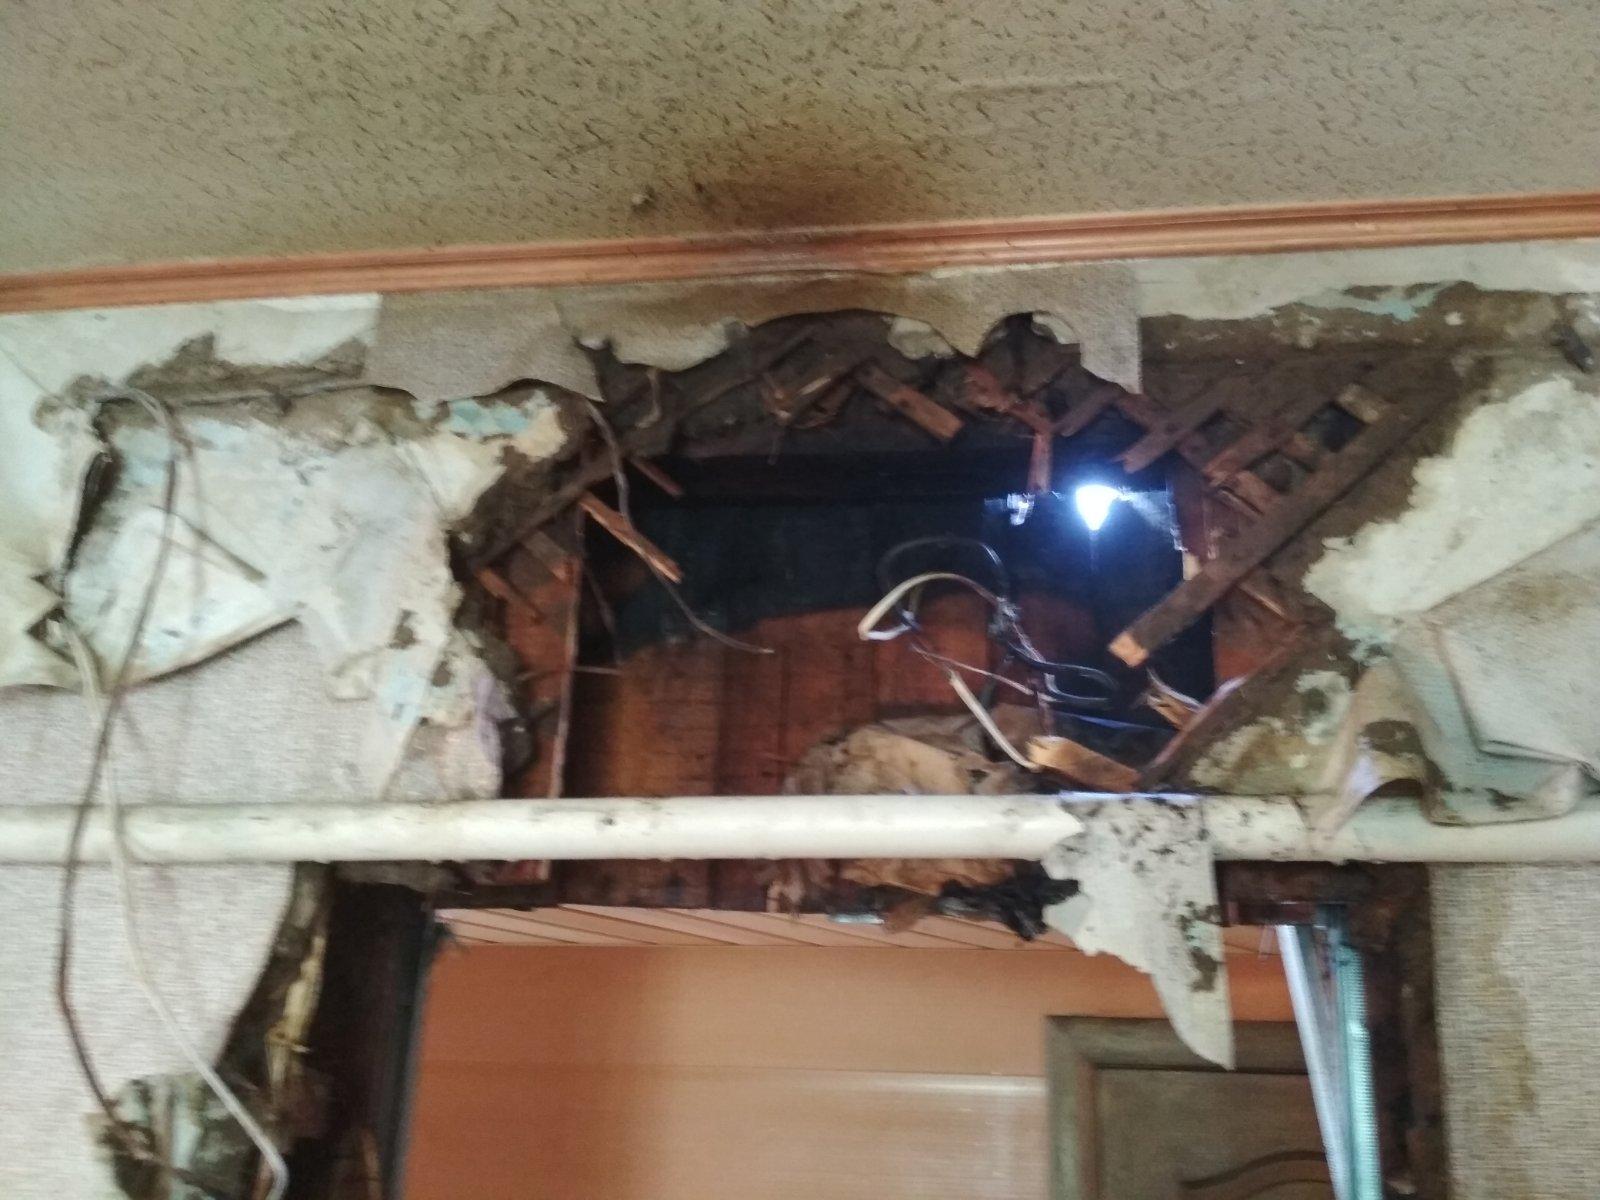 У Згурівці будинок ледь не згорів через стару електропроводку -  - yzobrazhenye viber 2020 04 28 10 50 02